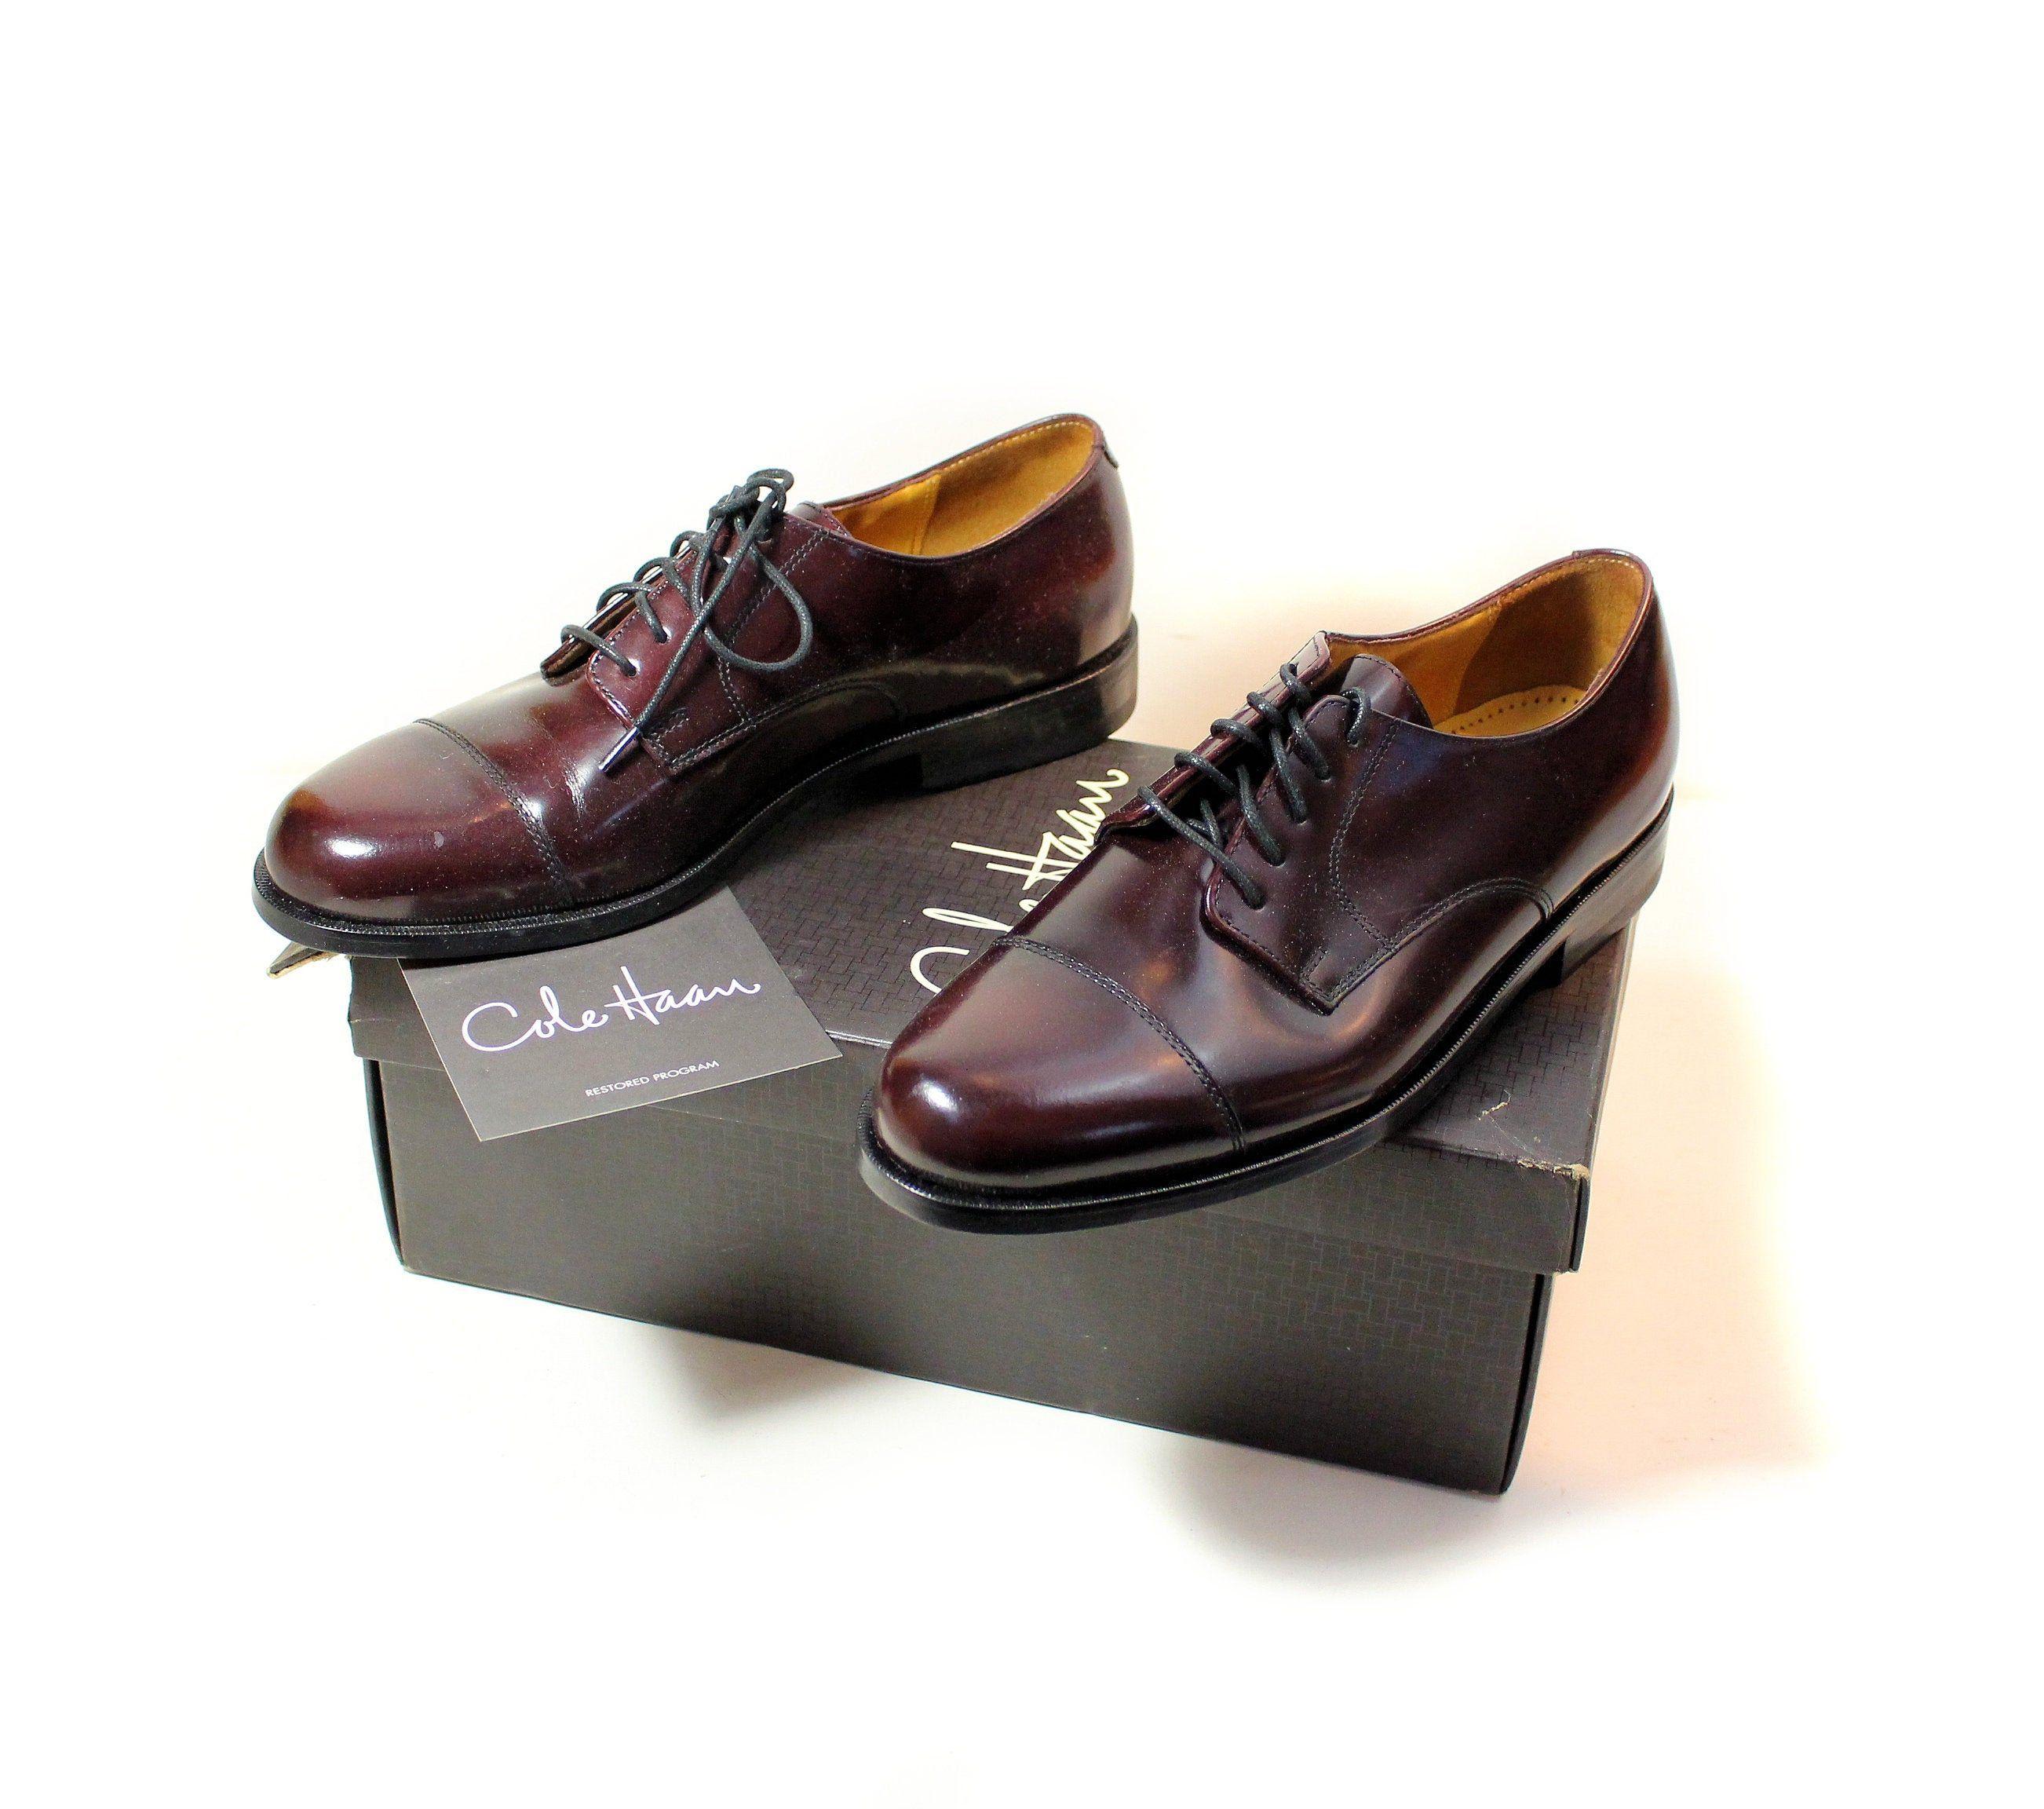 Vintage dress shoes, Dress shoes men